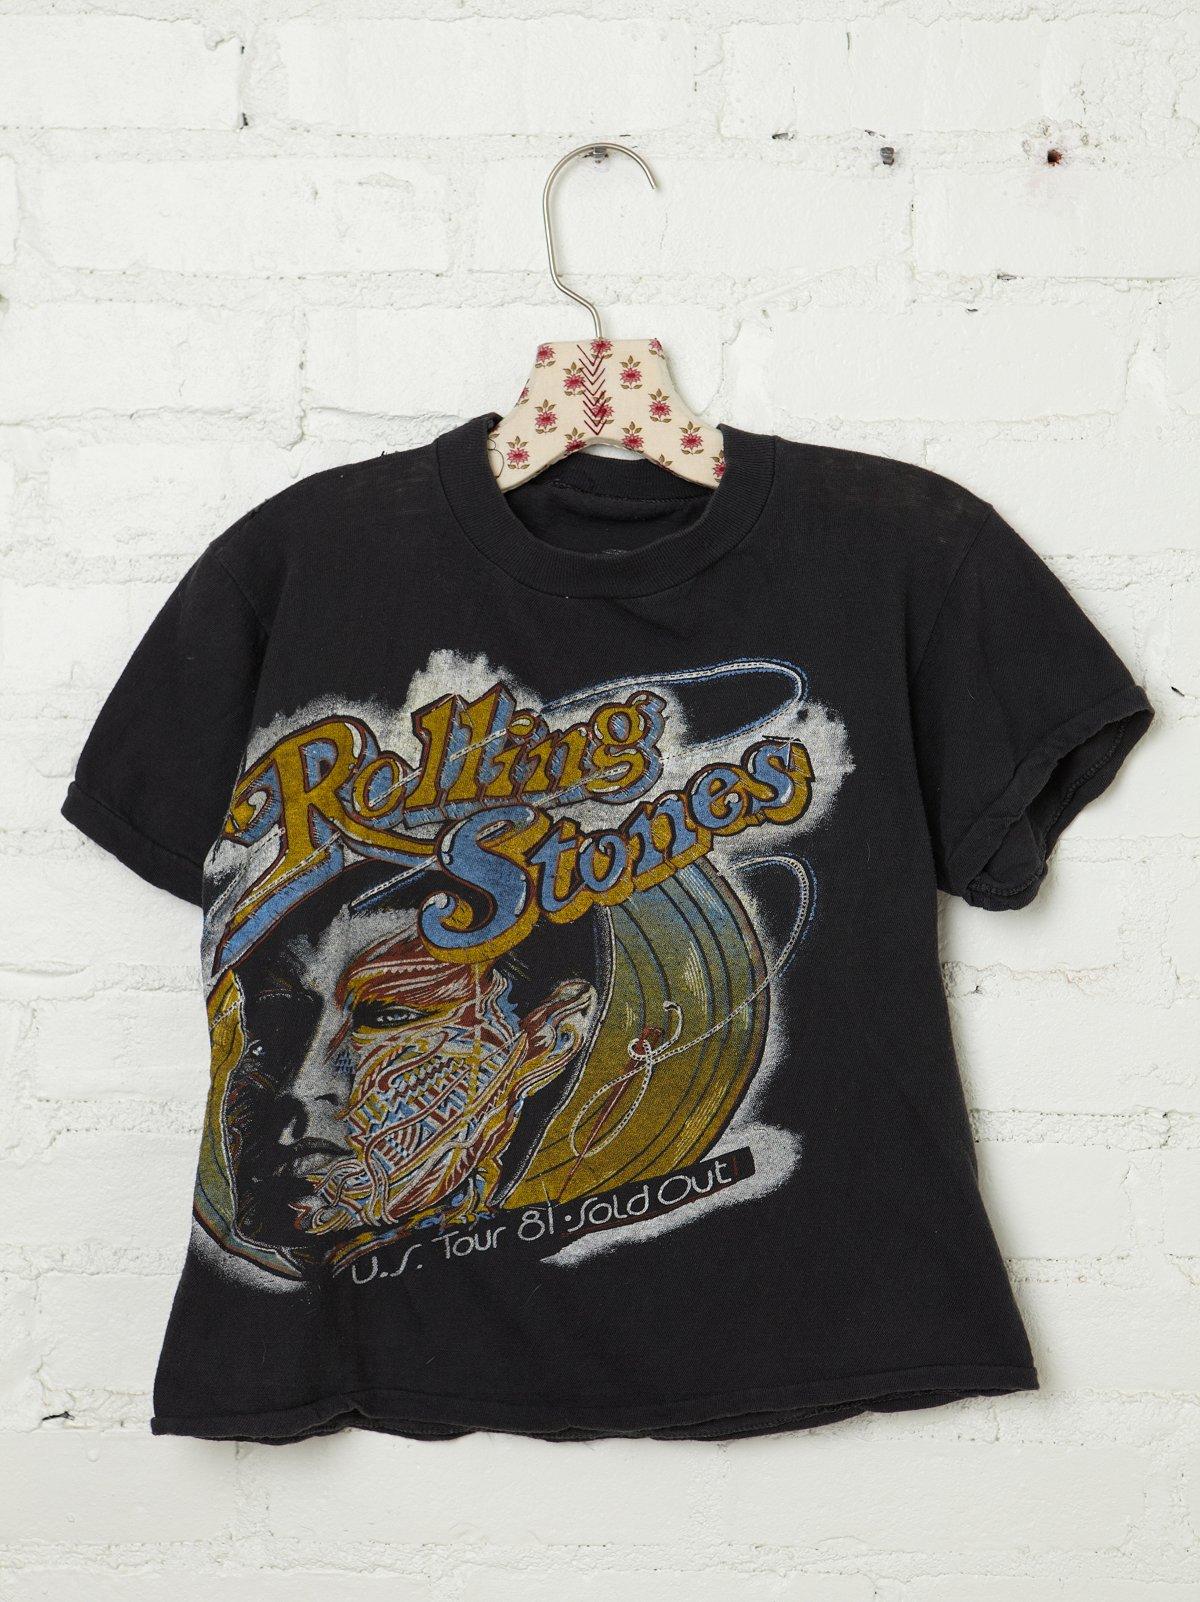 Vintage 1981 Rolling Stones Tee